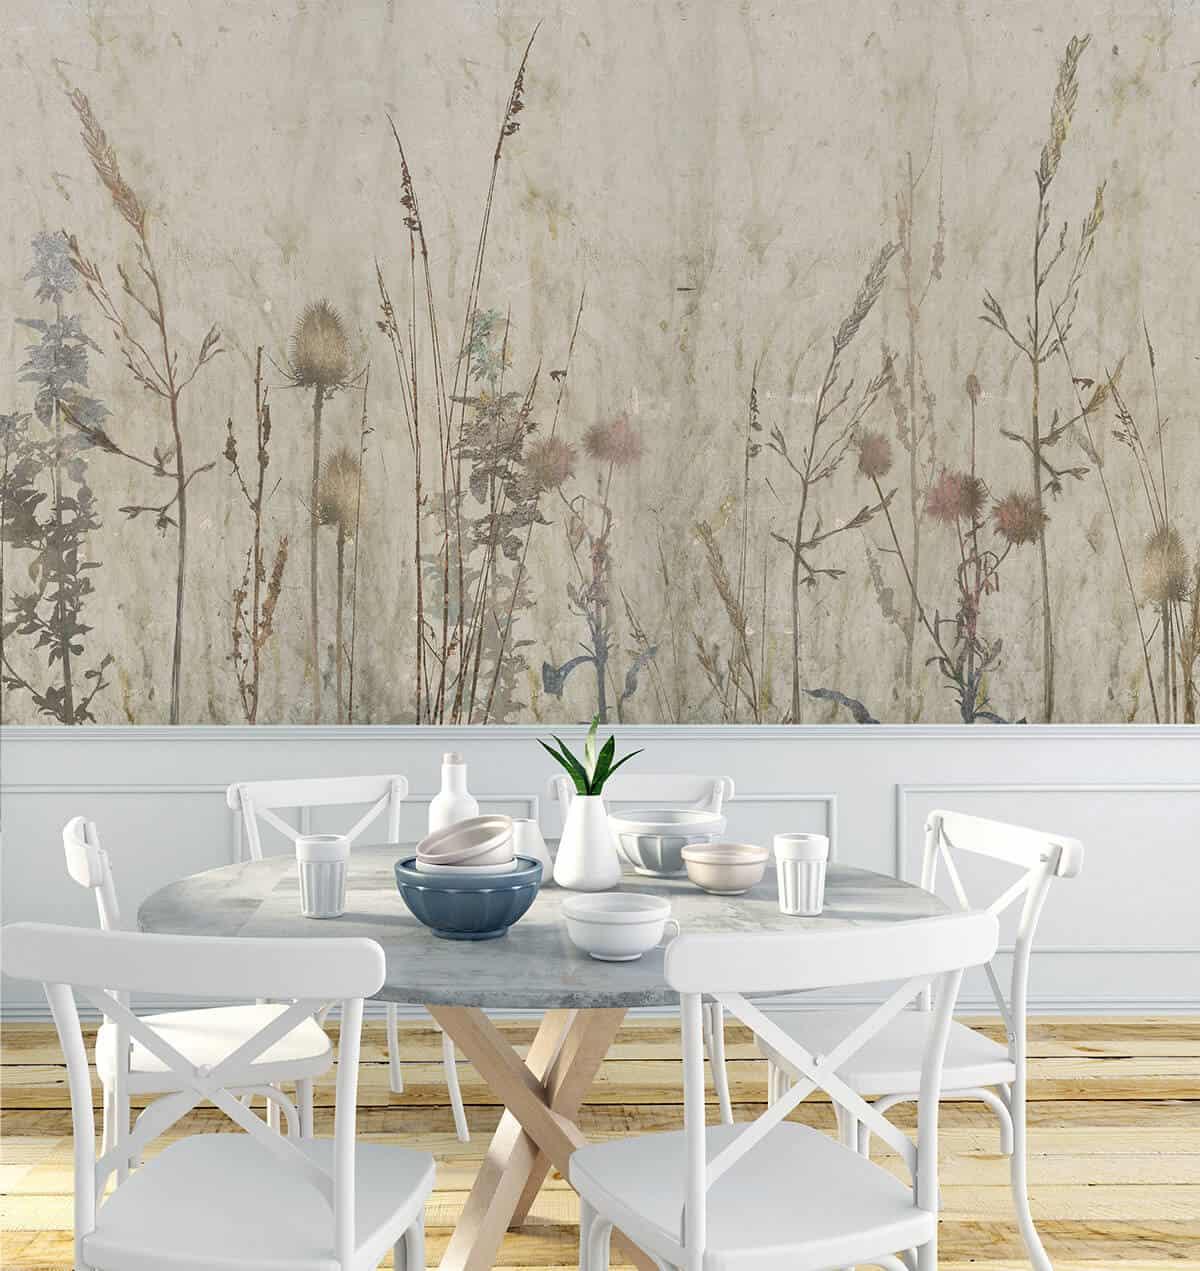 restauracja hotelowa tapeta na ścianę z roślinami